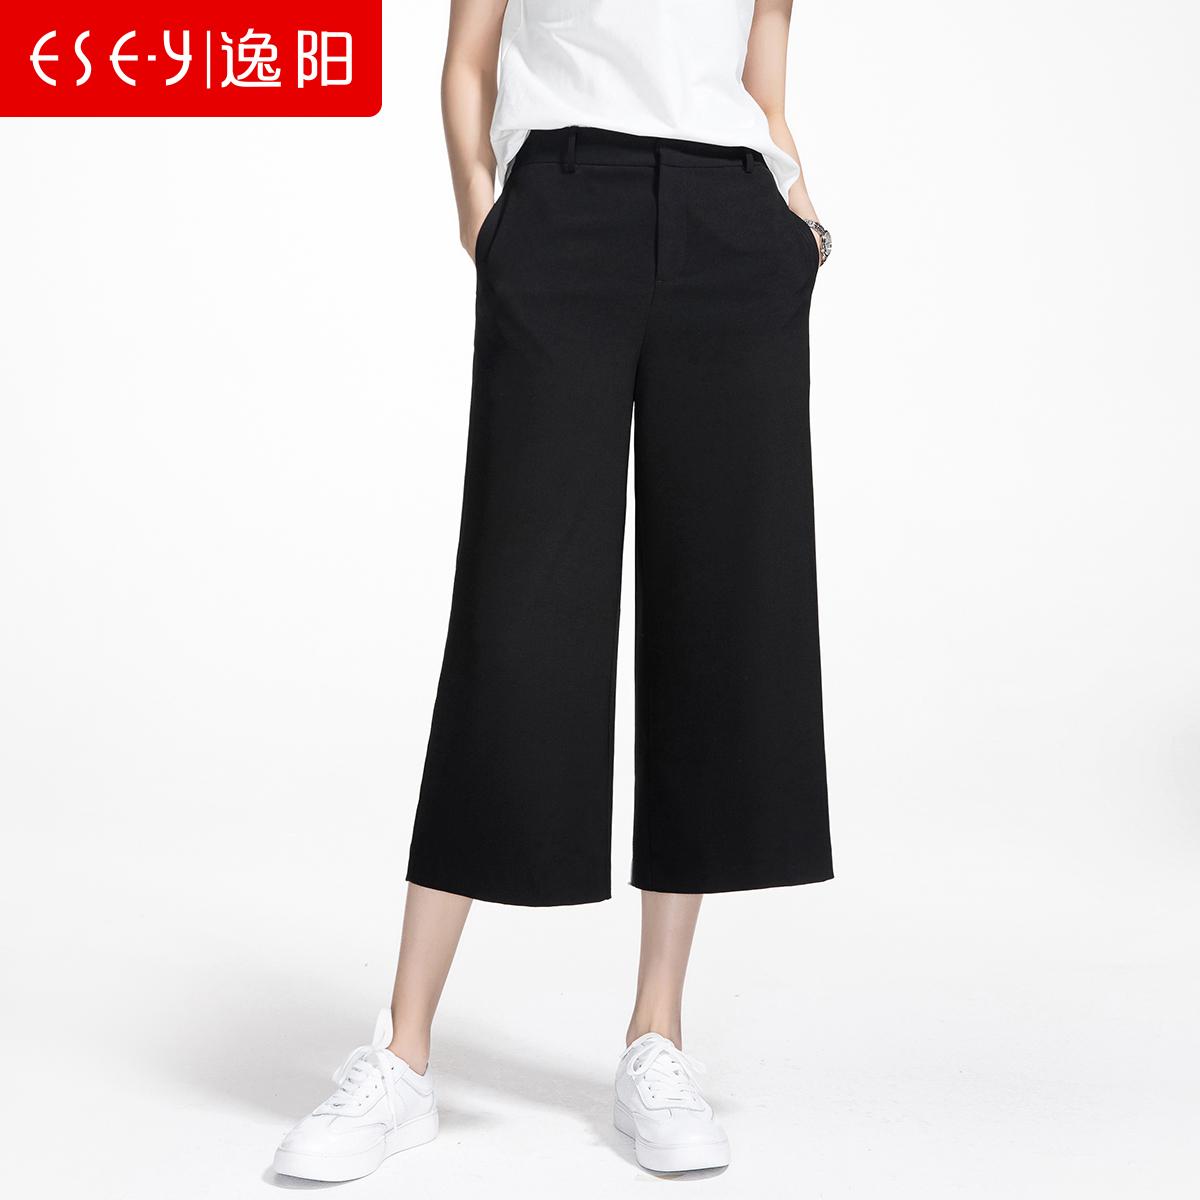 逸阳女裤2018夏新款八九分雪纺阔腿裤女薄款黑色垂感宽松高腰裤子